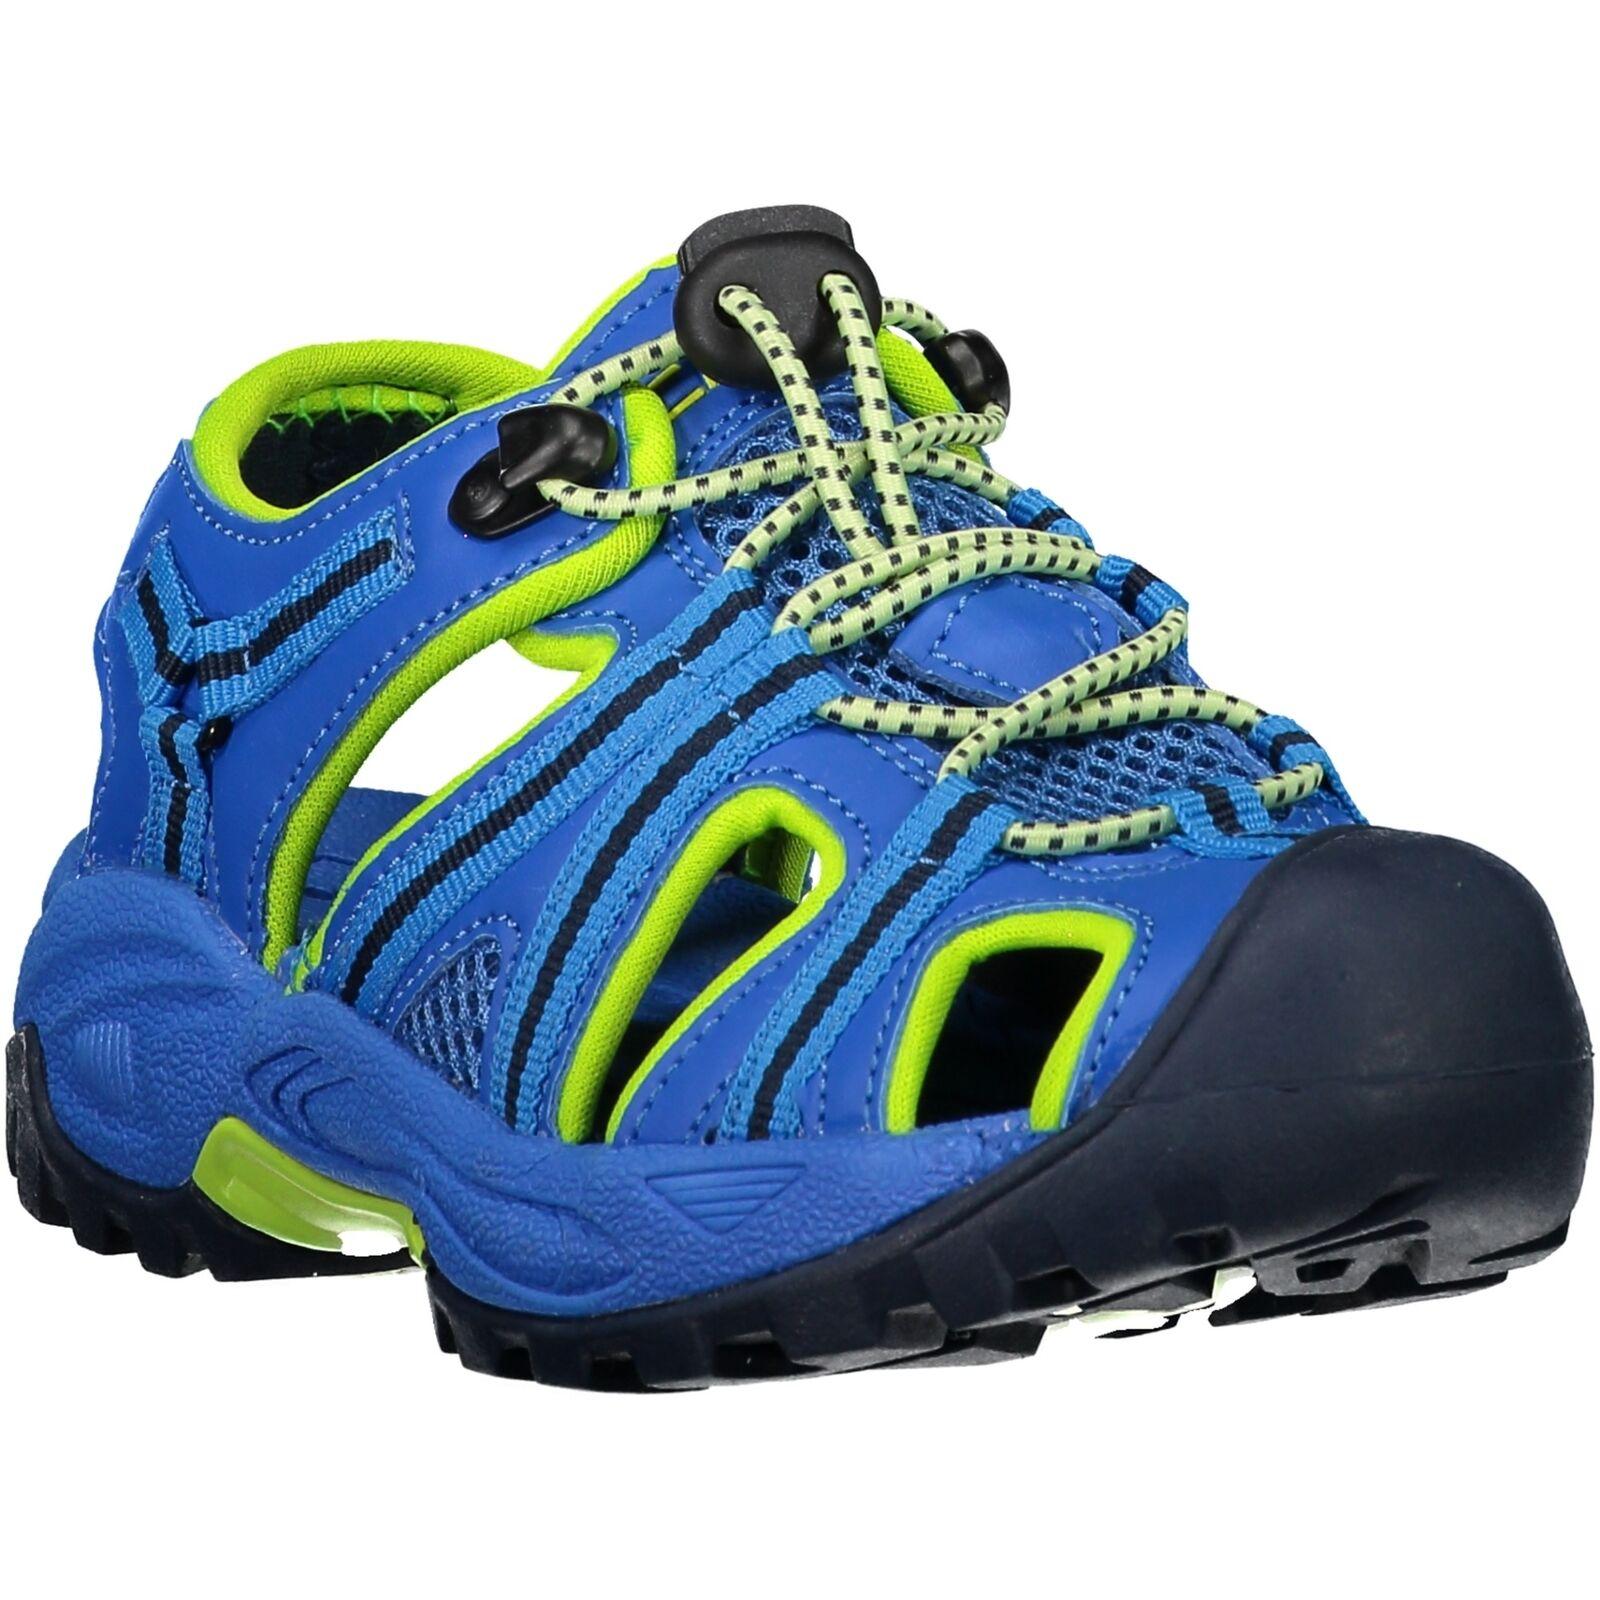 CMP hiking boots   ldren Aquarii hiking sandal blue plain textile  sales online